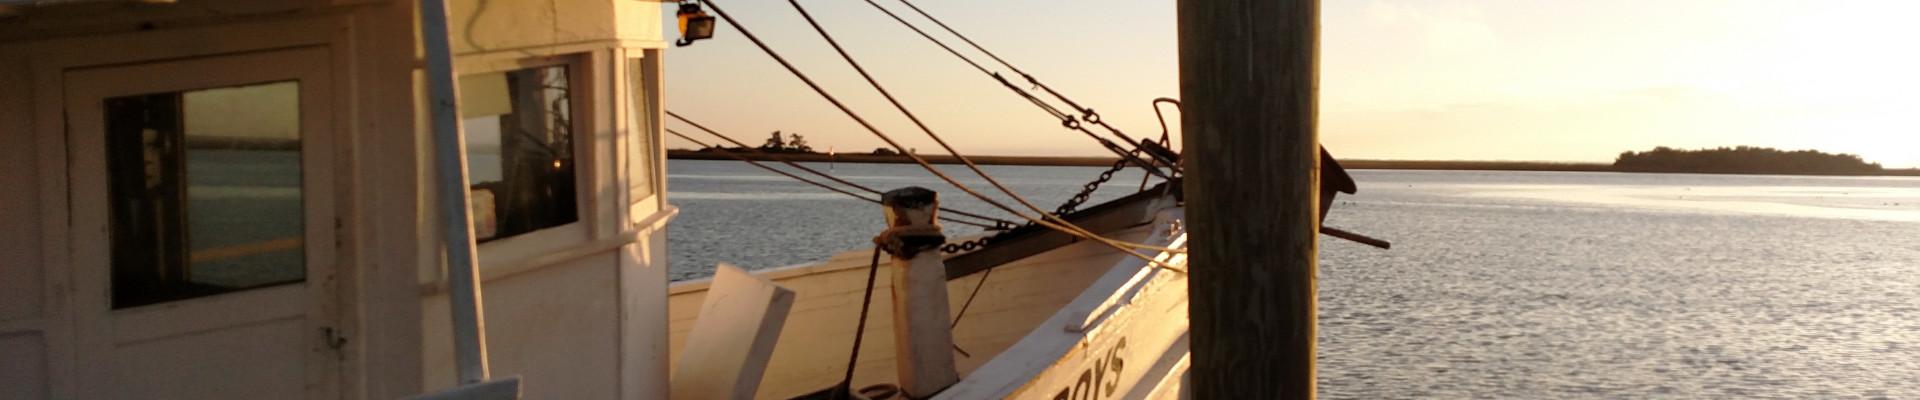 Apalach Shrimp Boat Sun slide